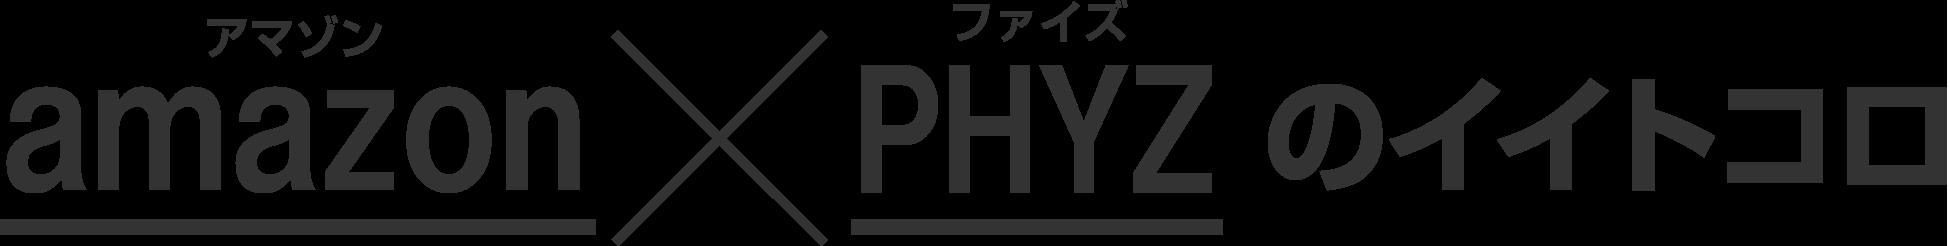 amazon(Amazon) x PHYZ(ファイズ)のイイトコロ